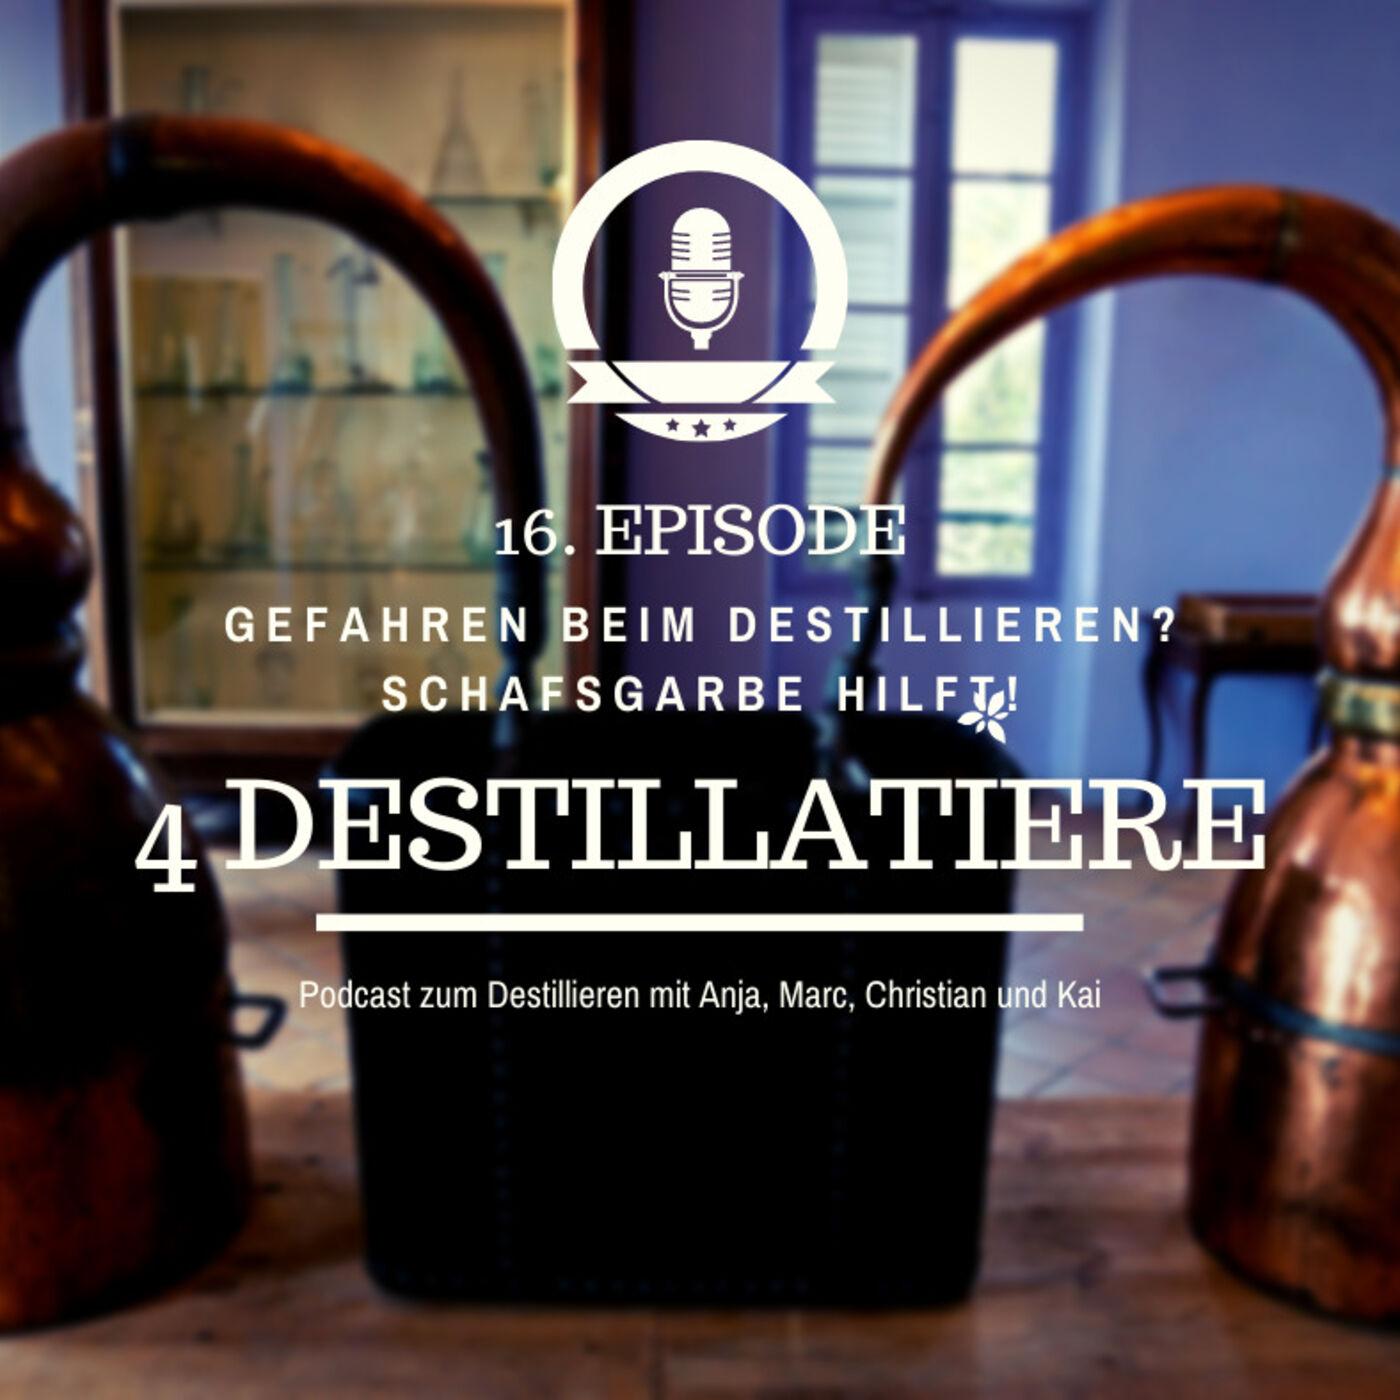 4D 016: Gefährliches Destillieren. Schafgarbe hilft